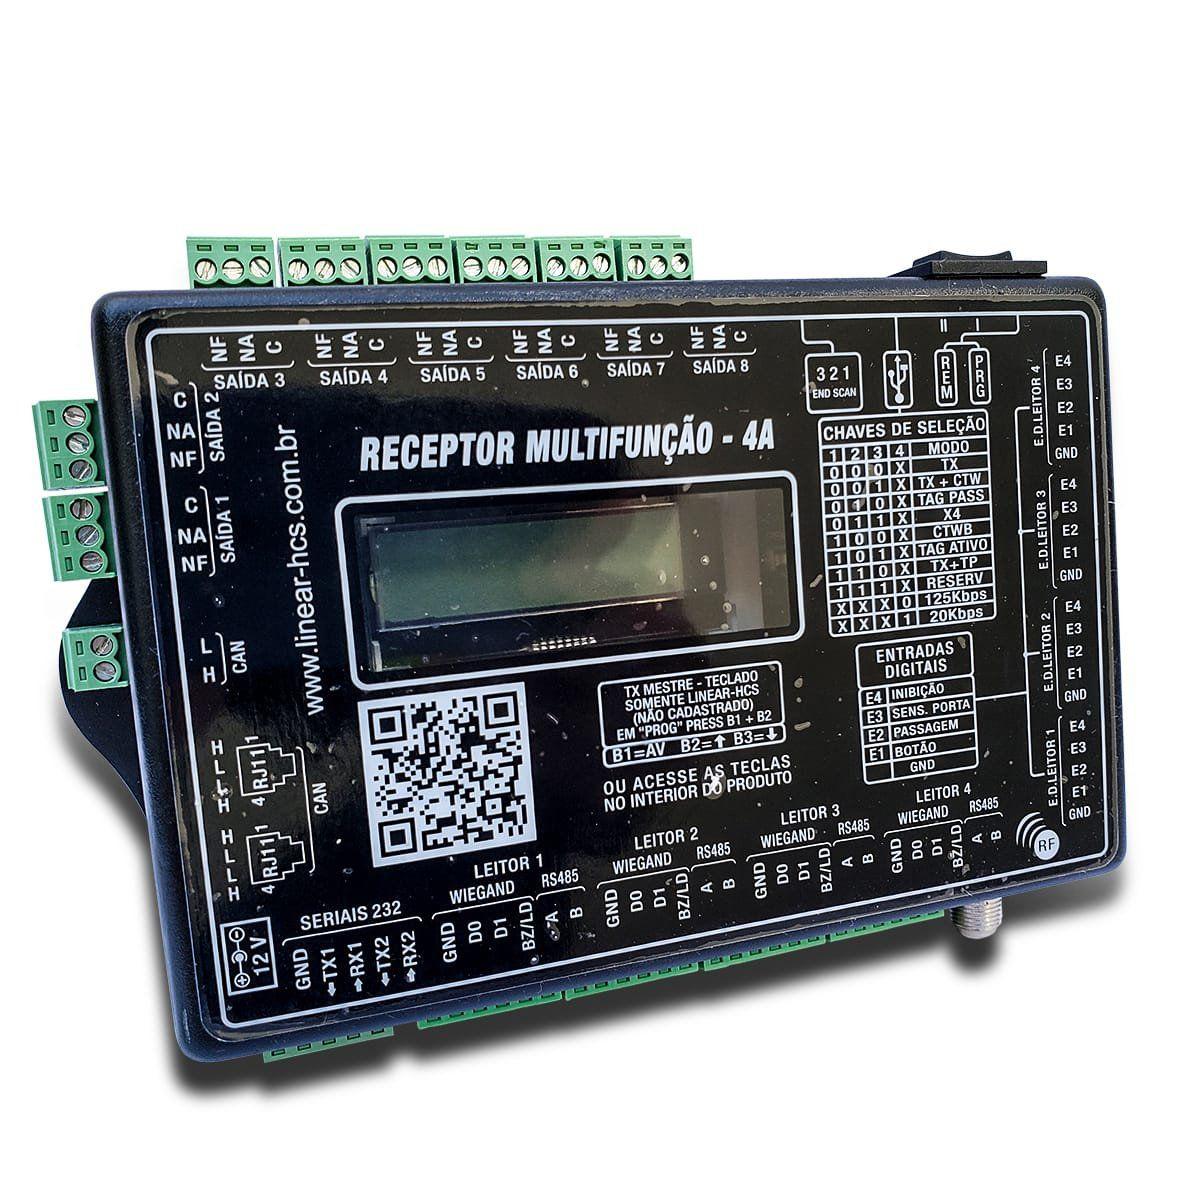 Receptor Linear Multifunção 4A  - CFTV Clube | Brasil